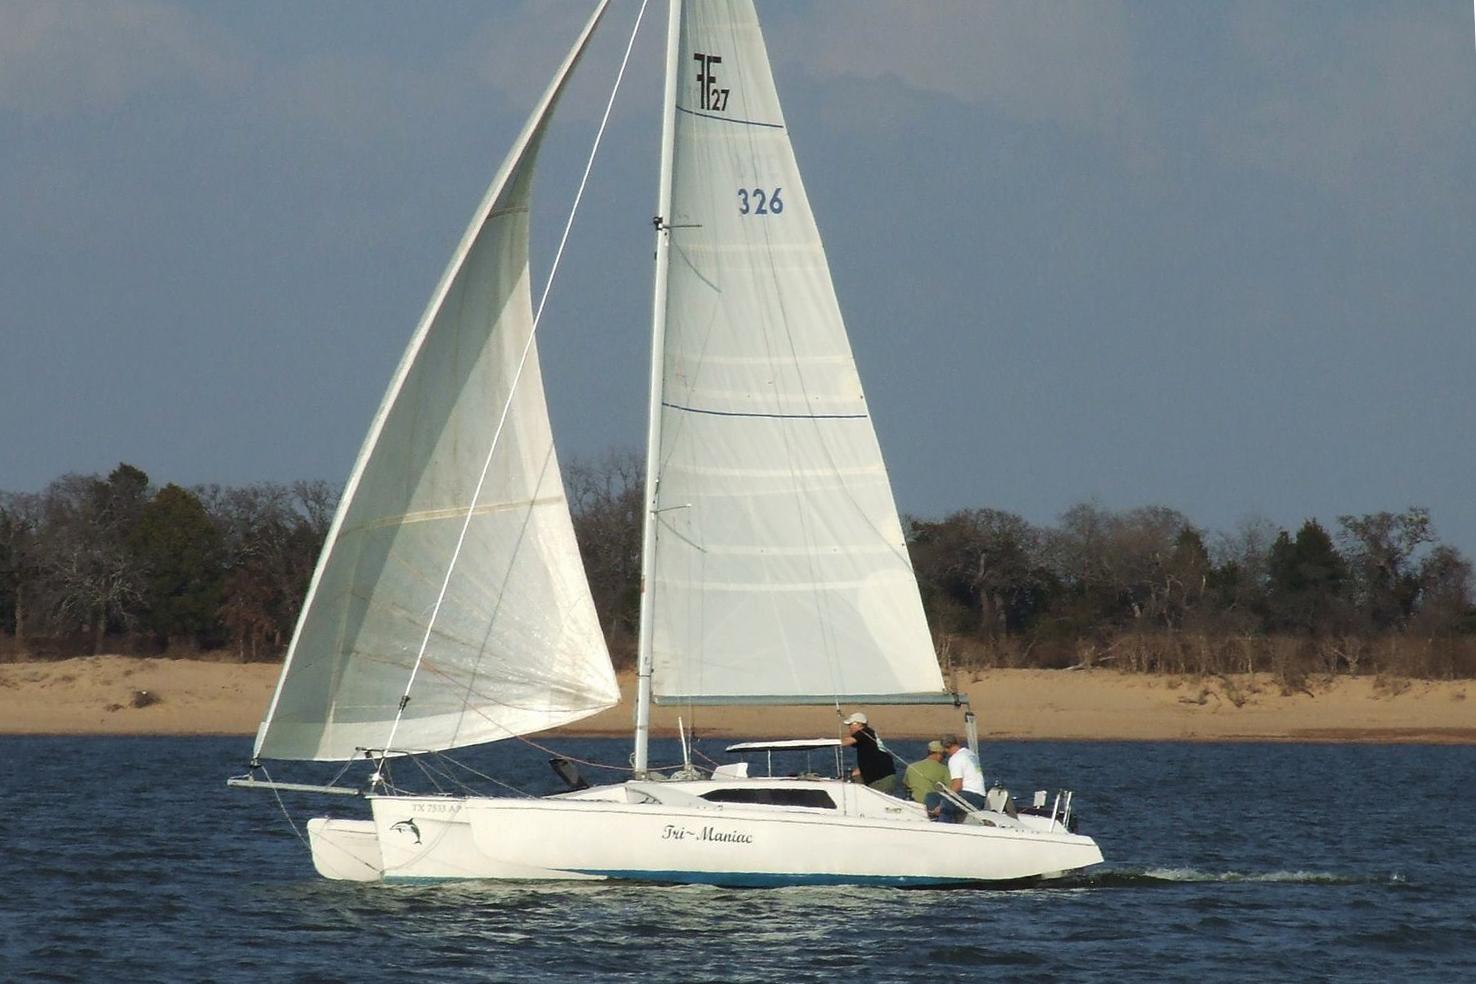 Einer der frühen F27 mit Screecher. Foto: www.cruisersforum.com